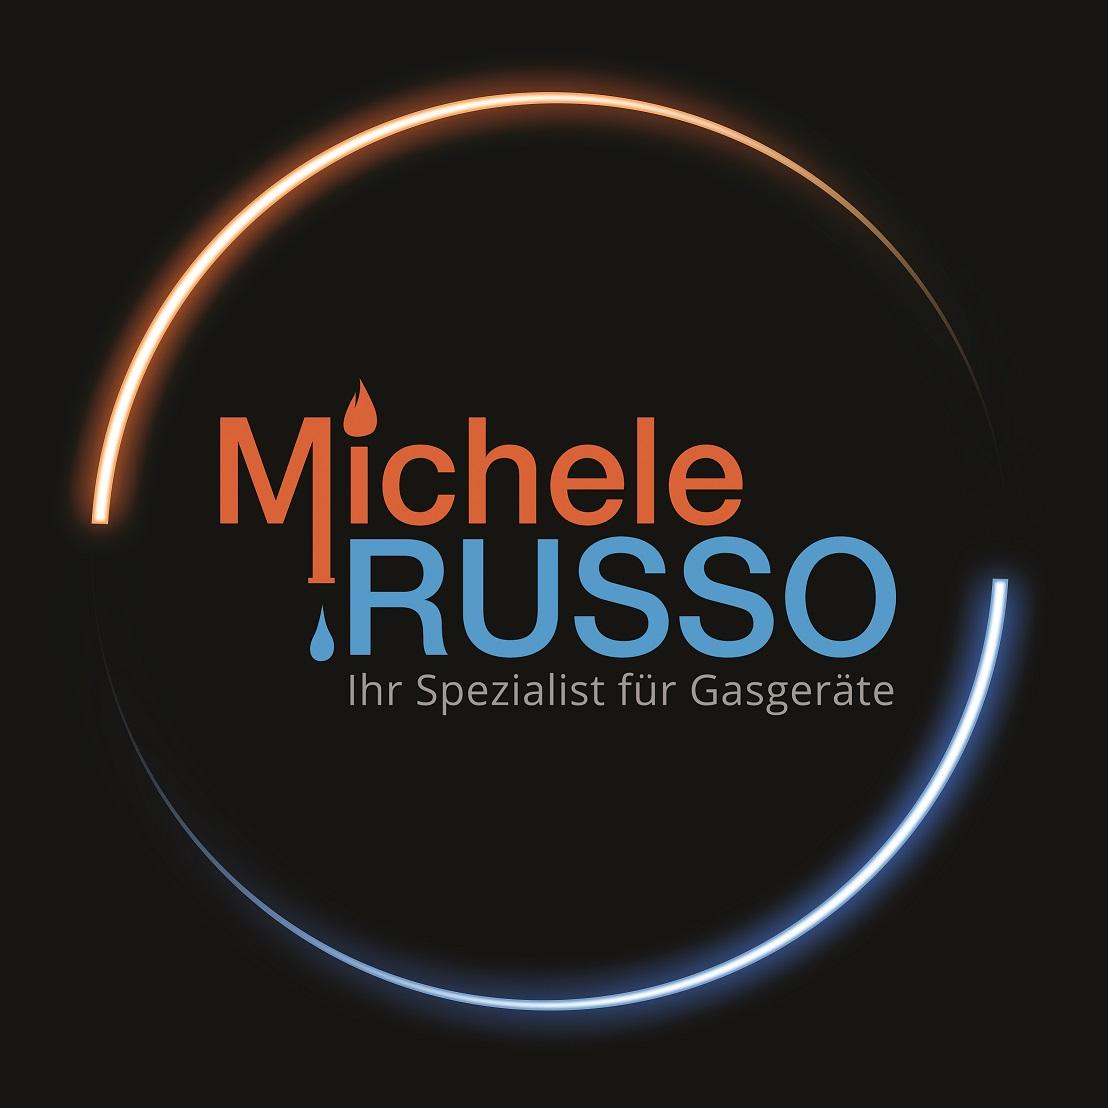 Michele Russo Heizung & Sanitär & Rohrreinigung